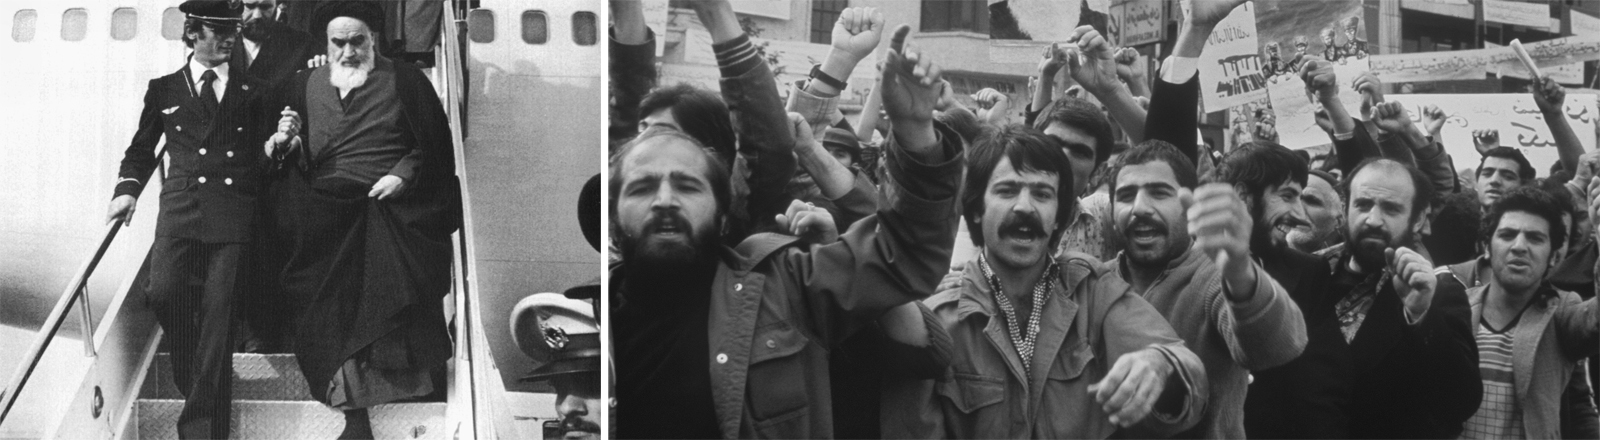 Jubel für den Exilanten: Ayatollah Khomeineis Rückkehr in den Iran im Jahr 1979